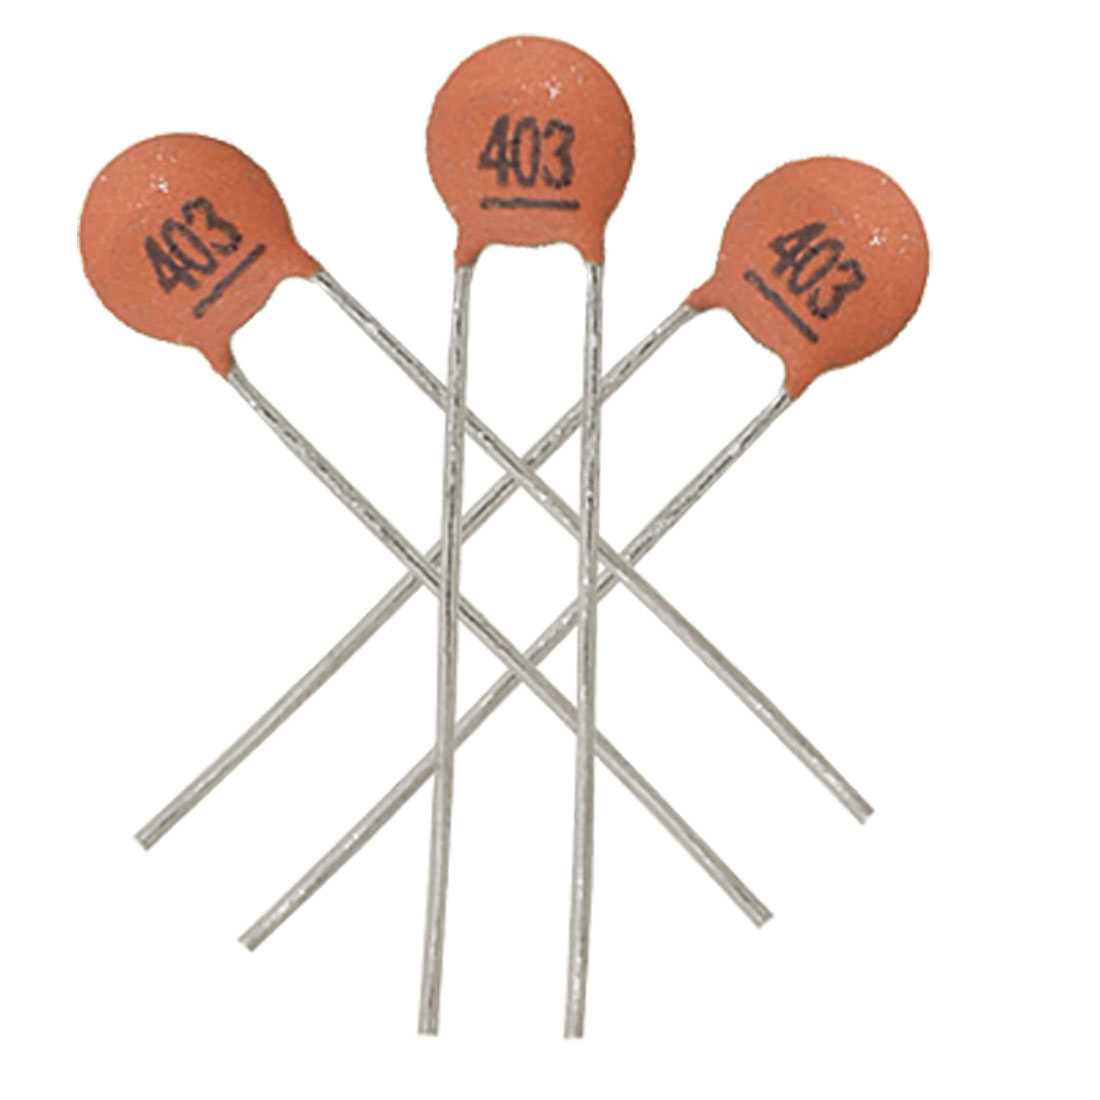 50 x 40000pF 50V DIP Low Voltage Ceramic Disc Capacitors